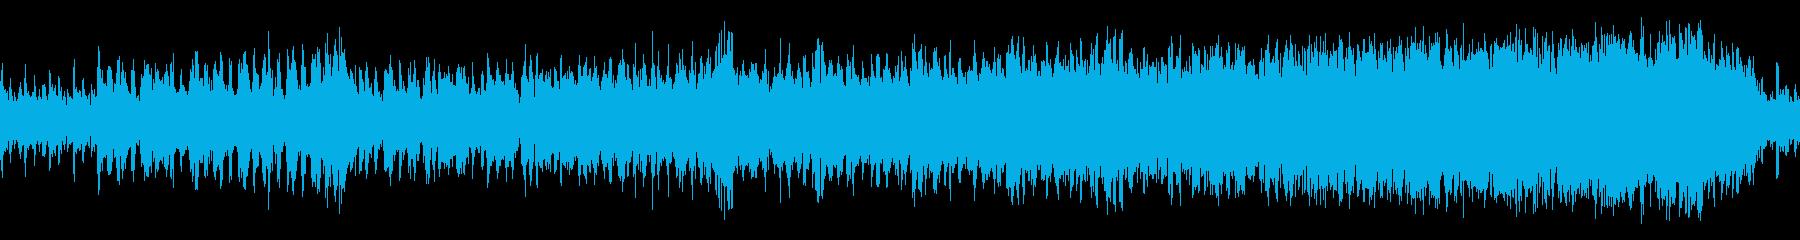 緊迫感のあるボス戦闘BGM【ループ】の再生済みの波形